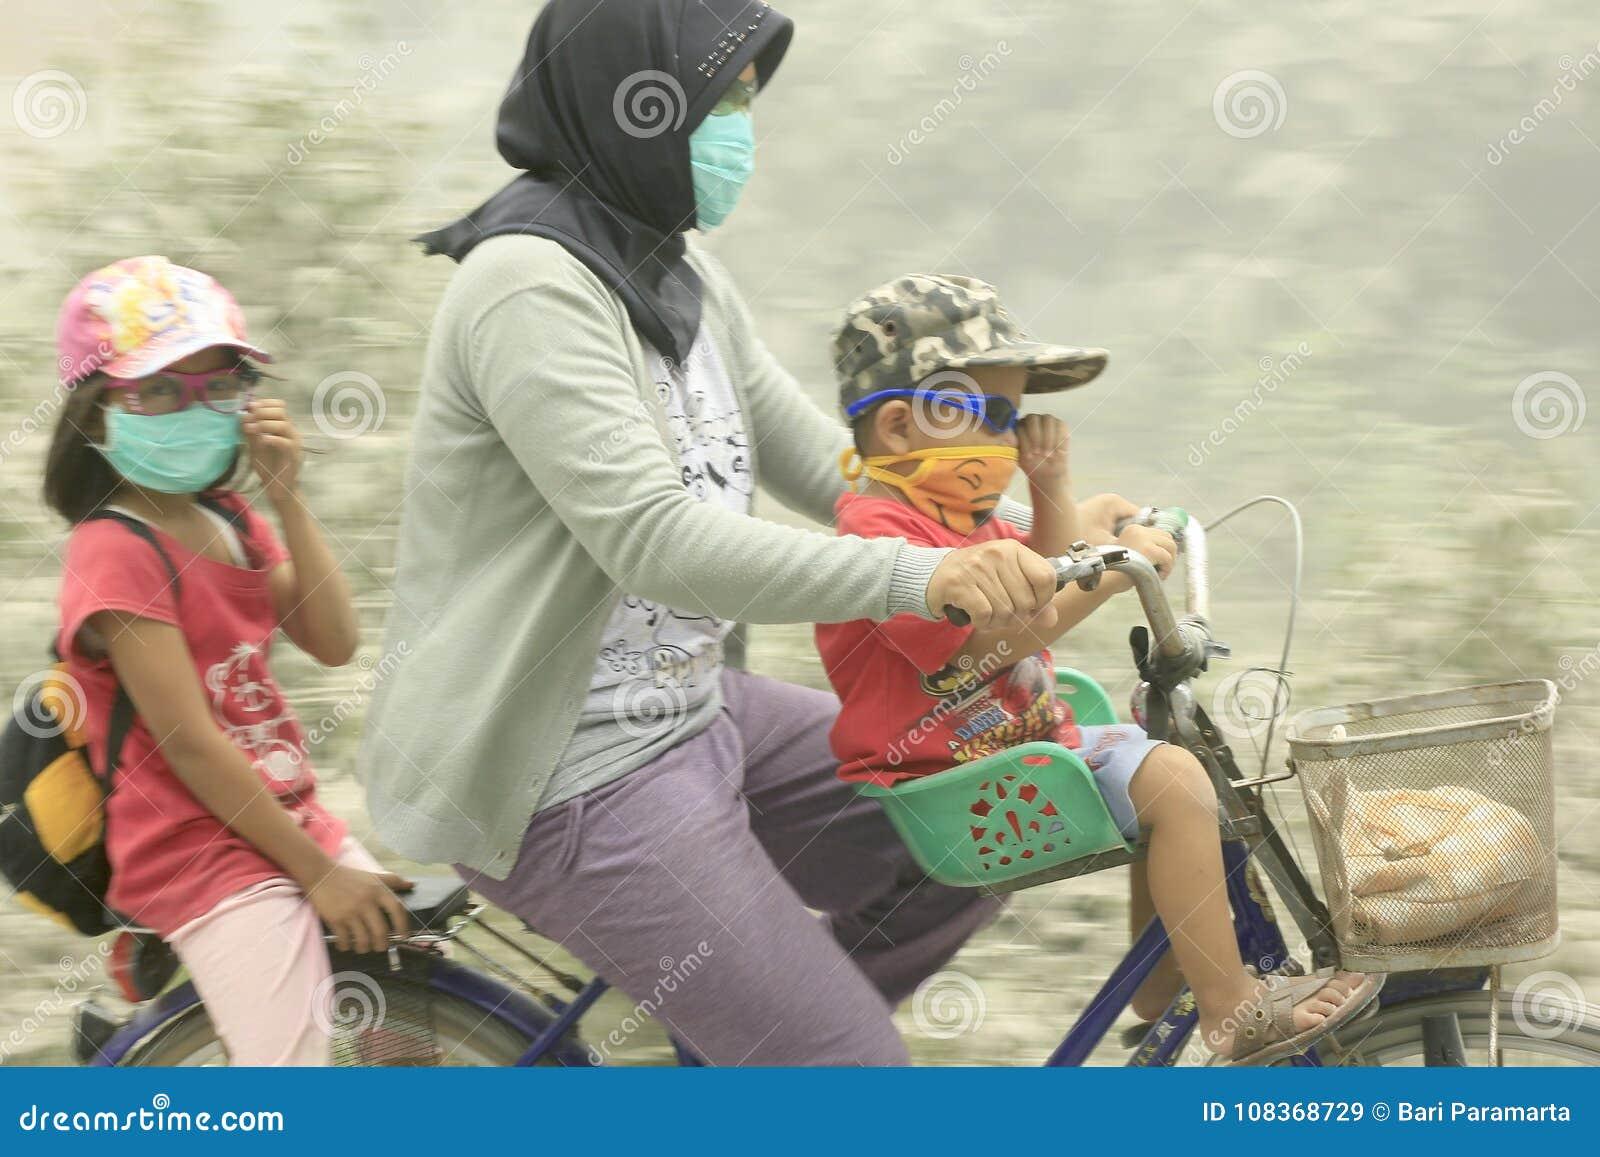 Mutter mit ihren zwei Kindern durch einen vulkanische Ascheruptionsberg Kelud